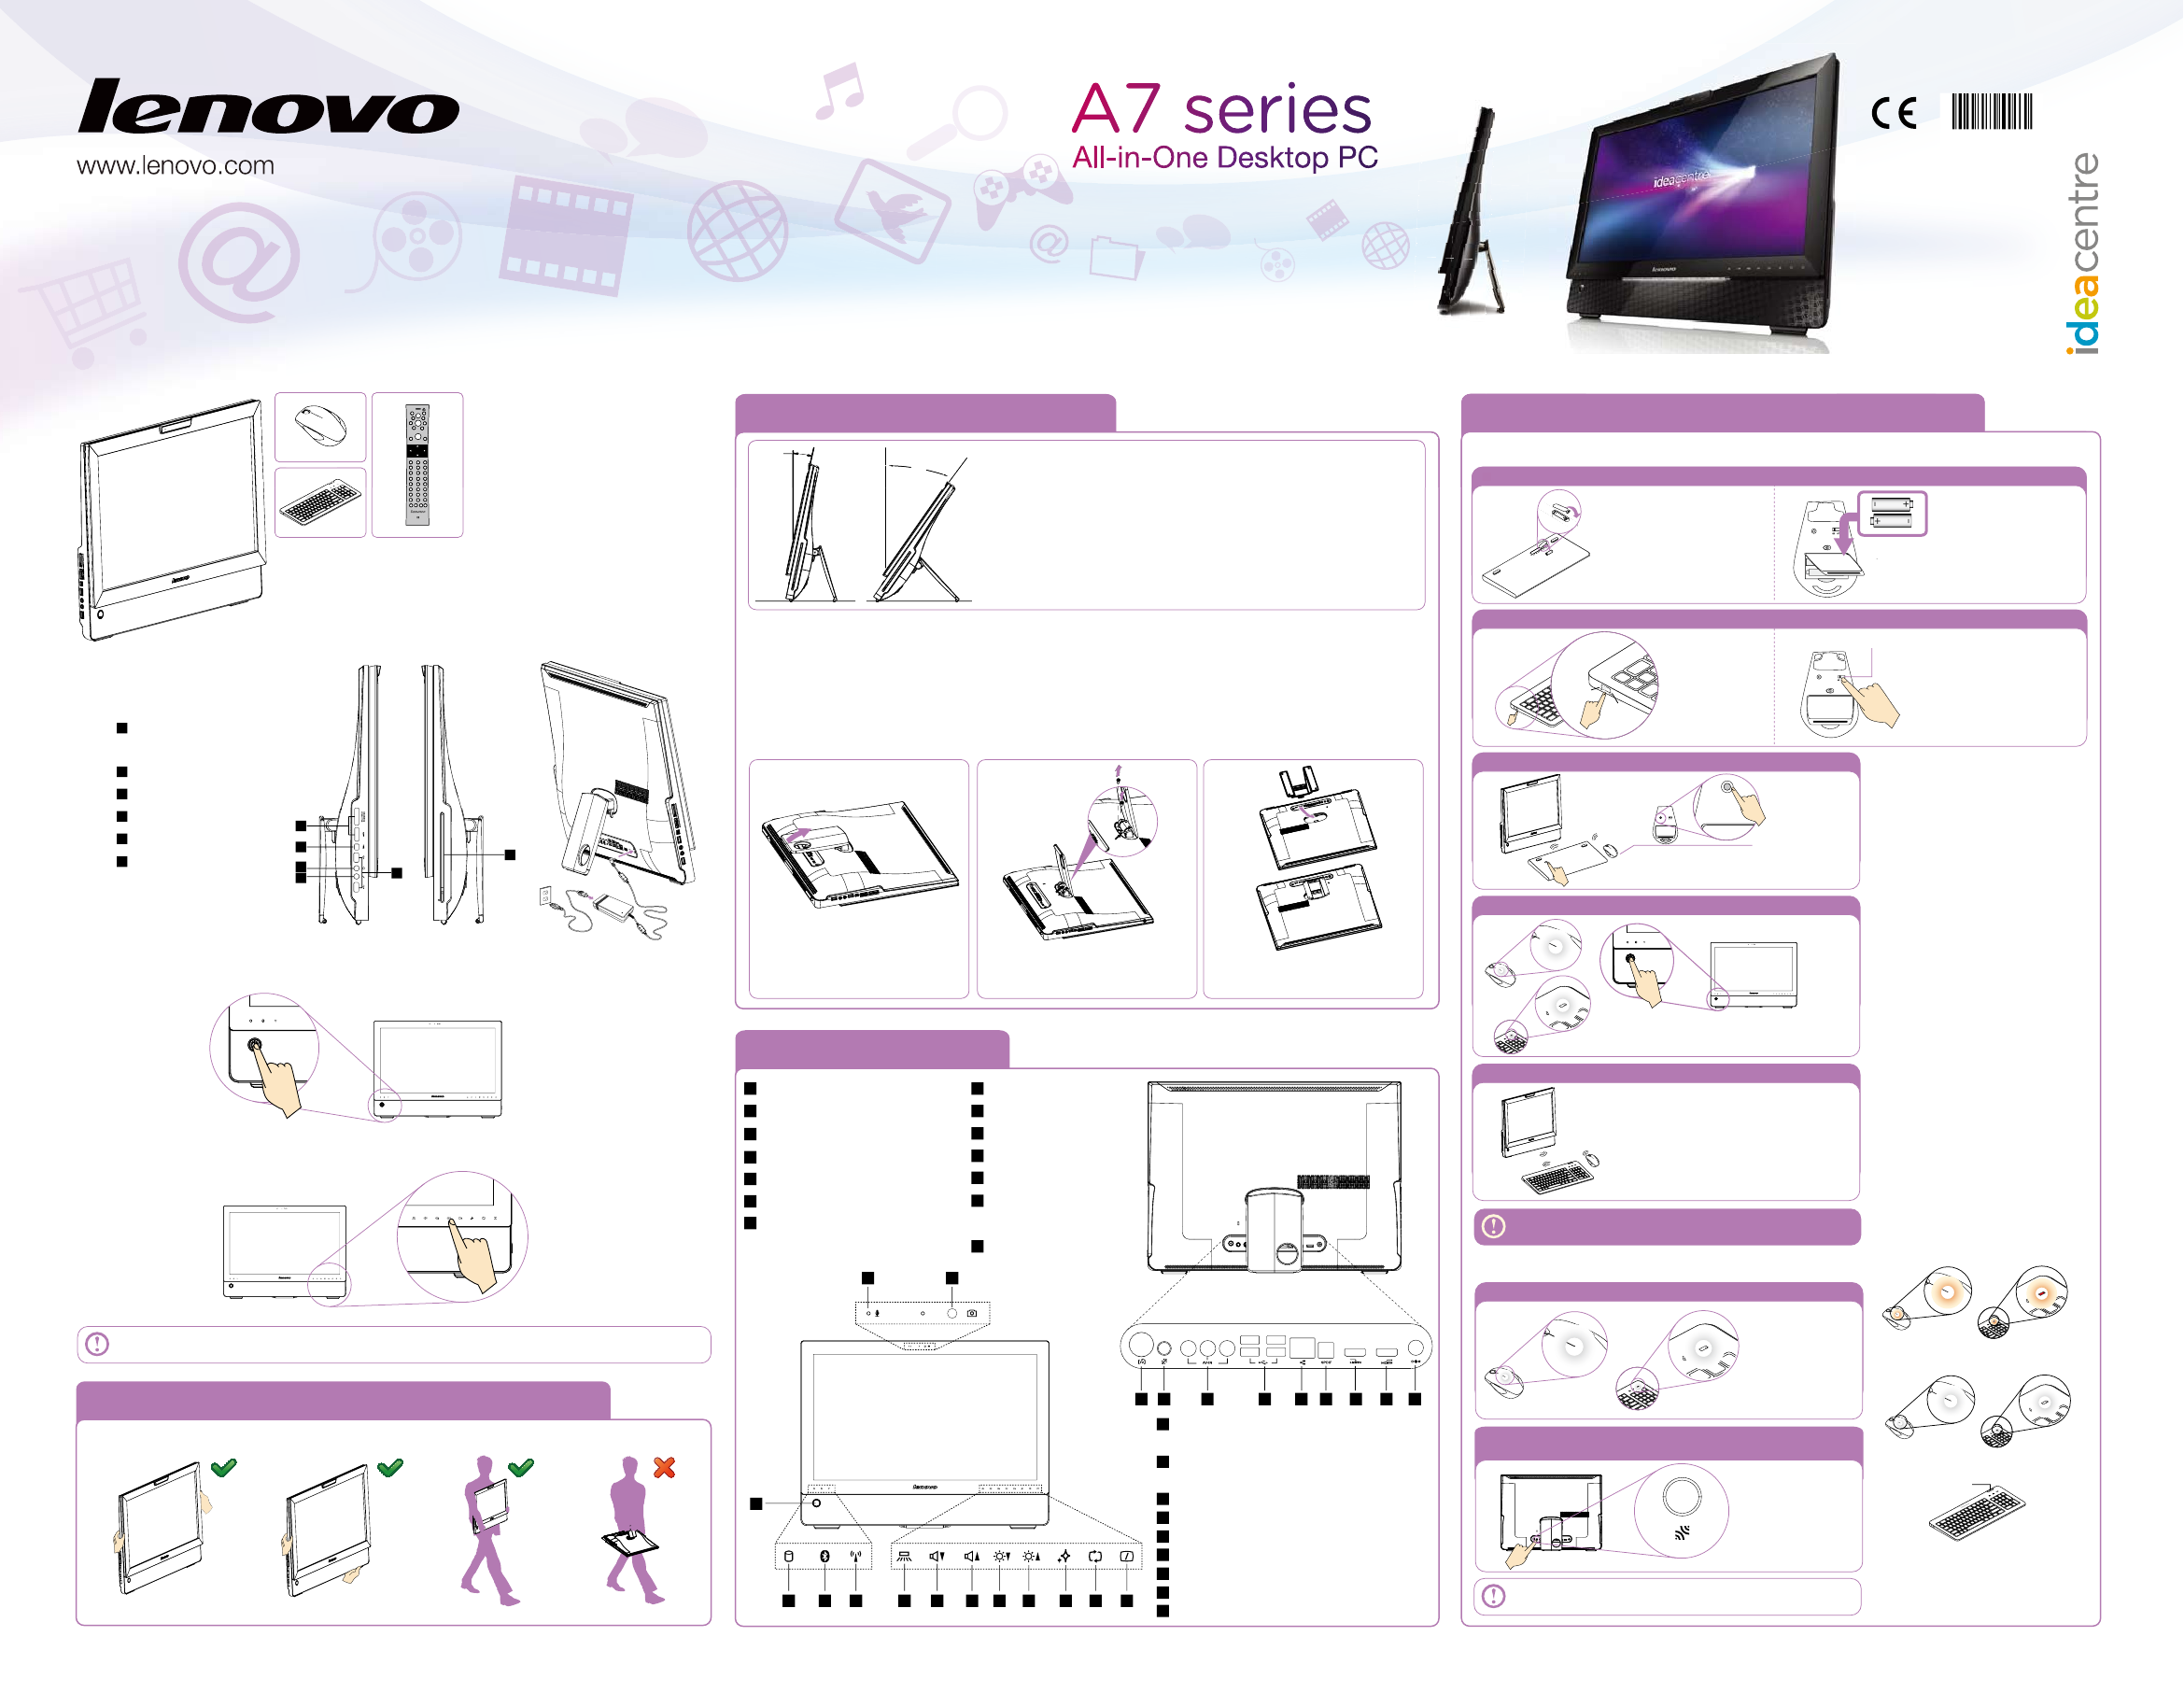 lenovo g780 инструкция описание